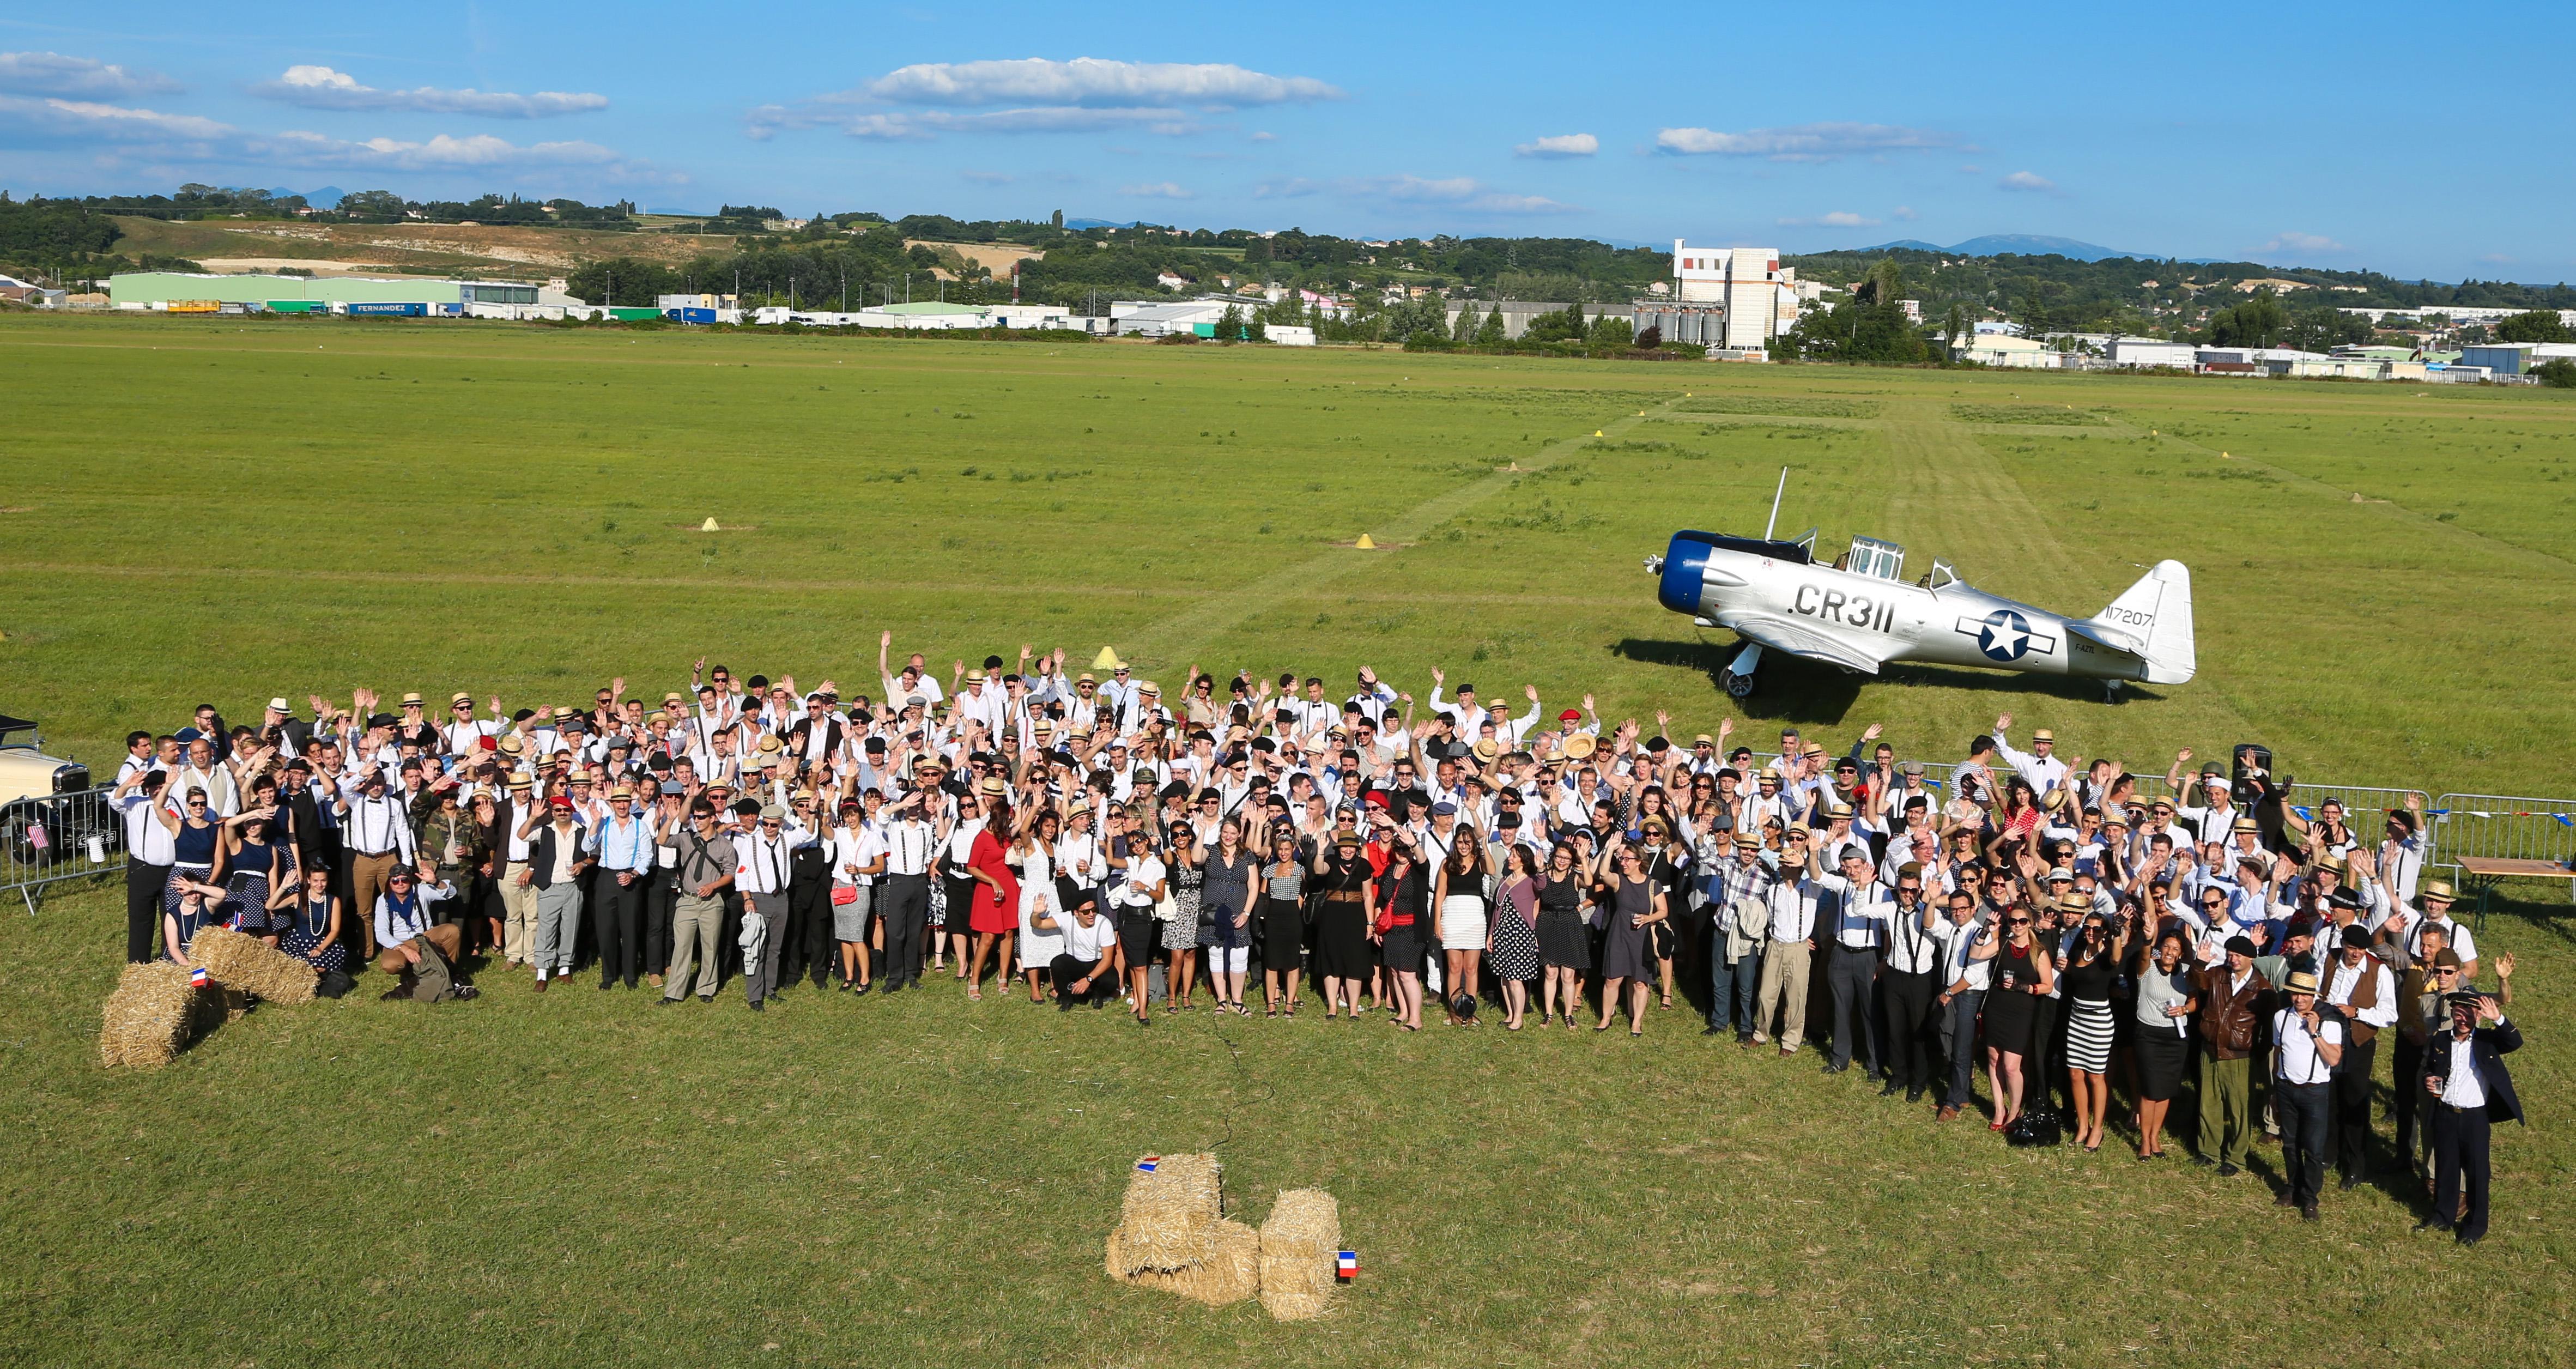 seminaire agence convention évènementielle ludico avion